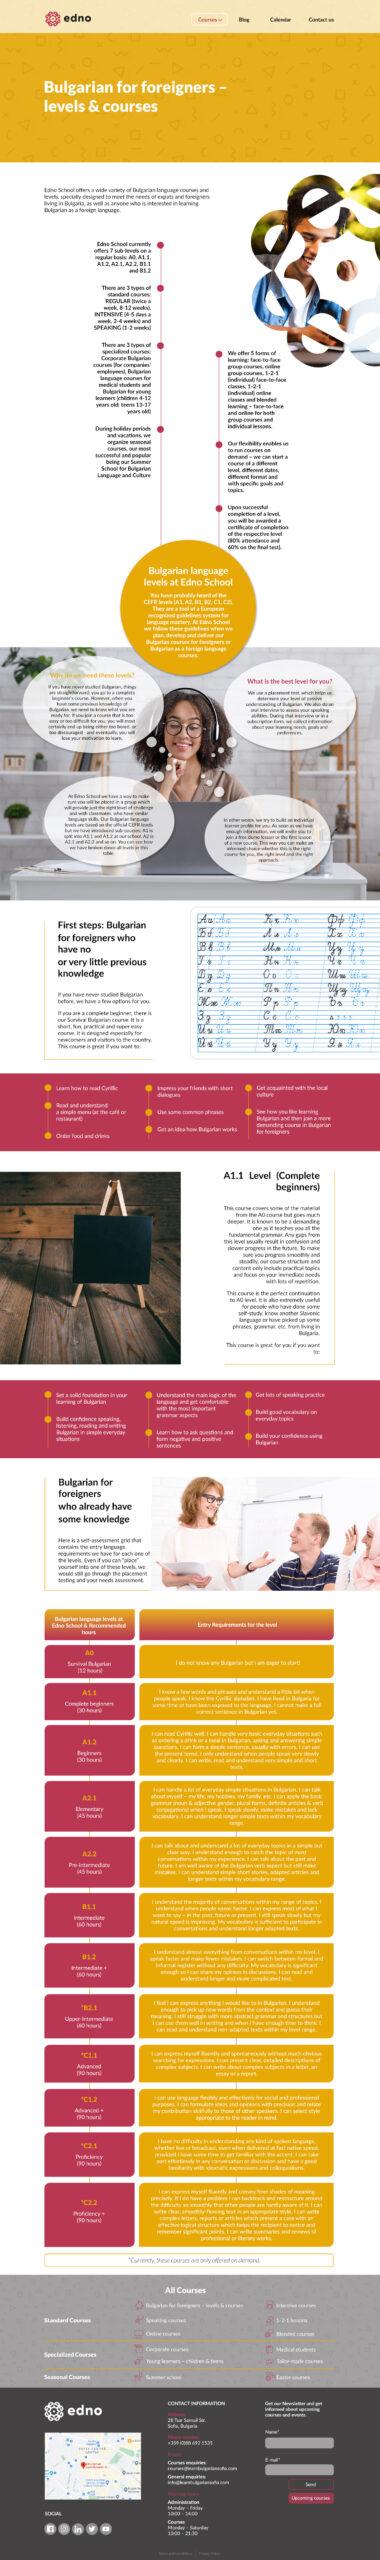 Σχεδιασμός ιστοσελίδας - Μακέτα 01